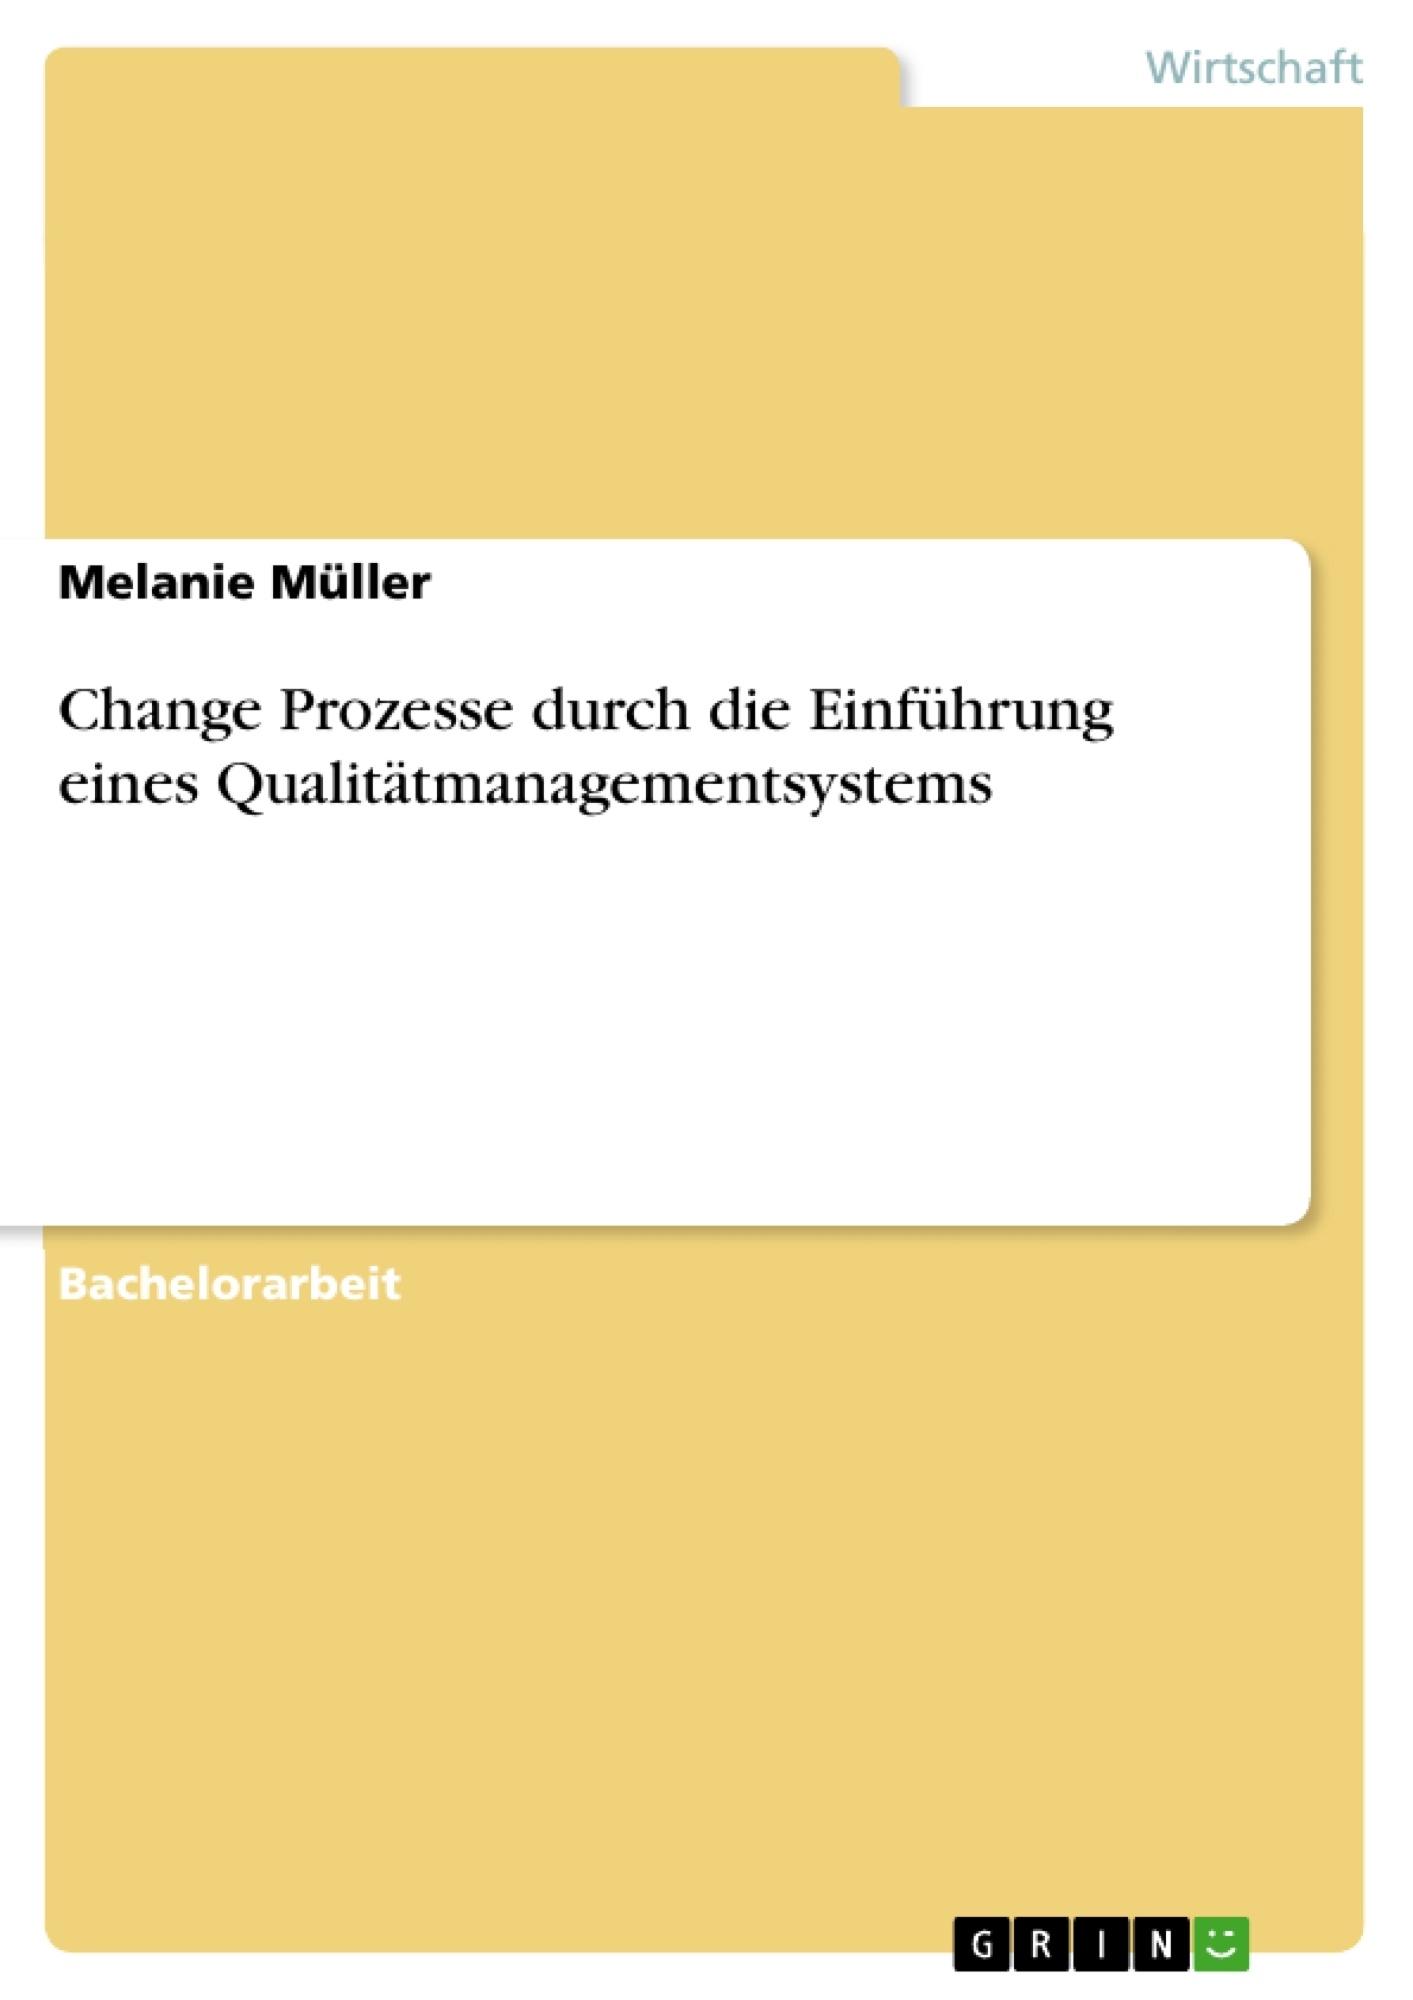 Titel: Change Prozesse durch die Einführung eines Qualitätmanagementsystems